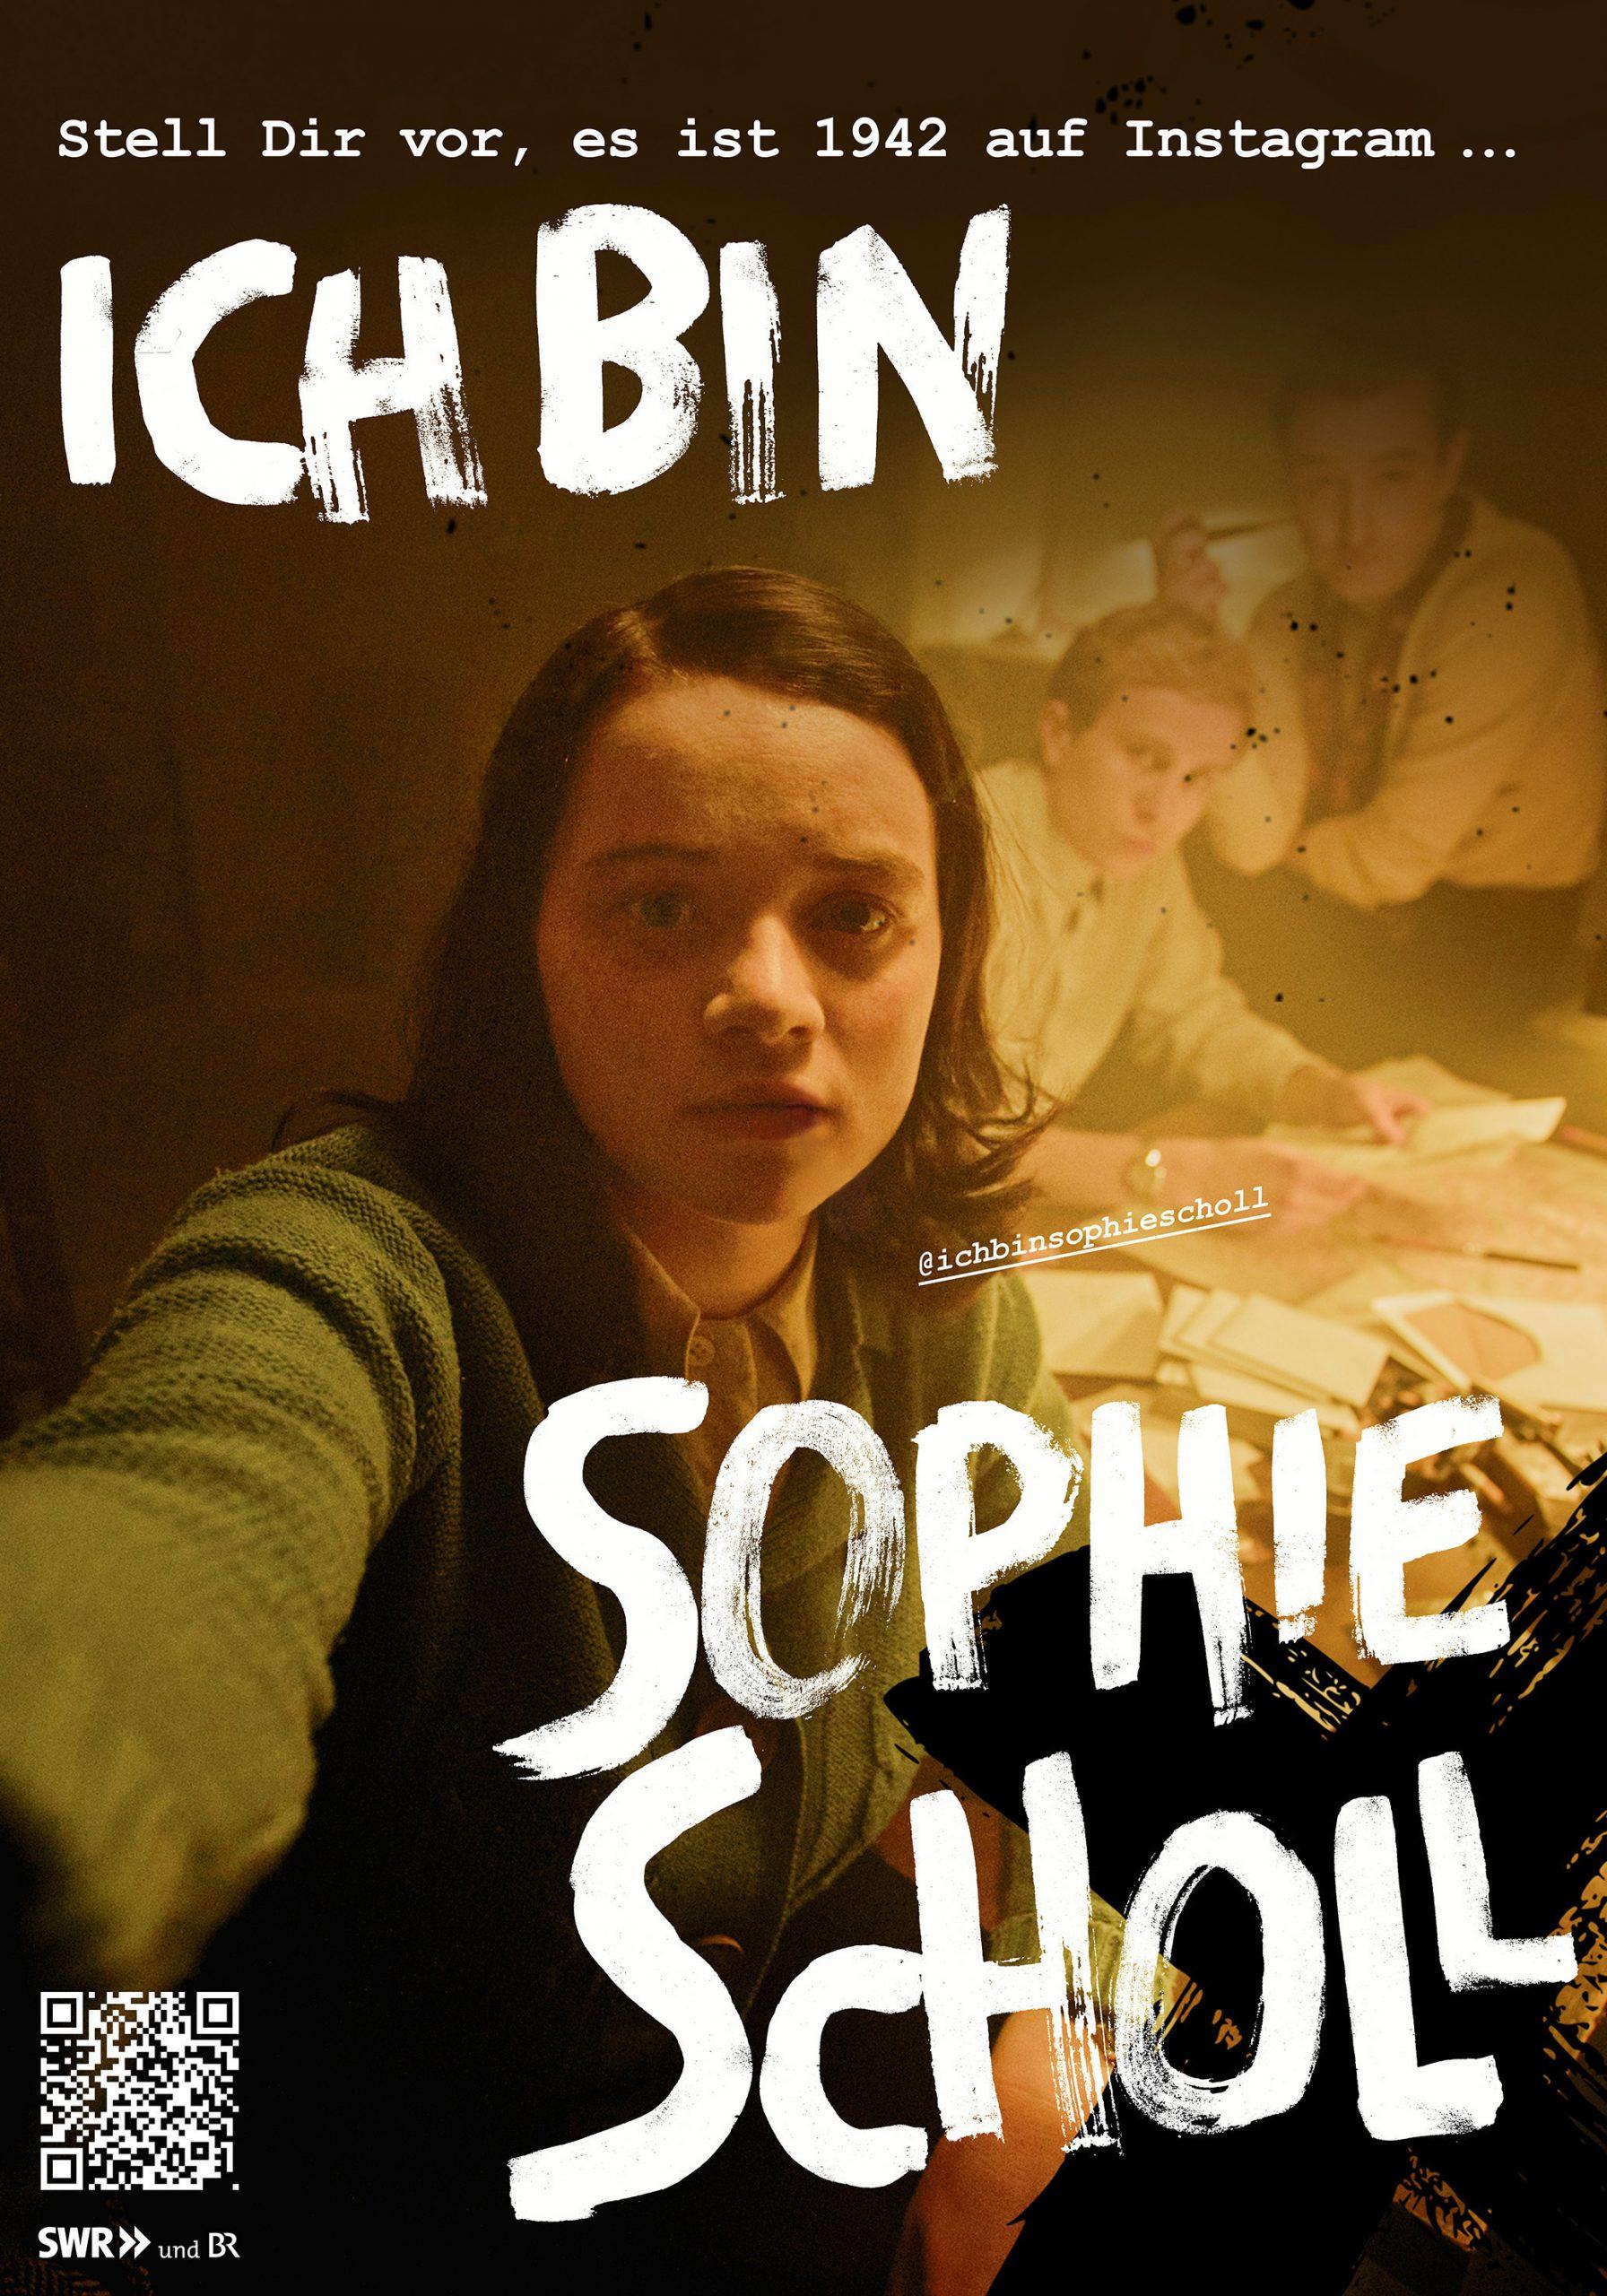 Insta-Storys aus der NS-Zeit – Hommage an Sophie Scholl